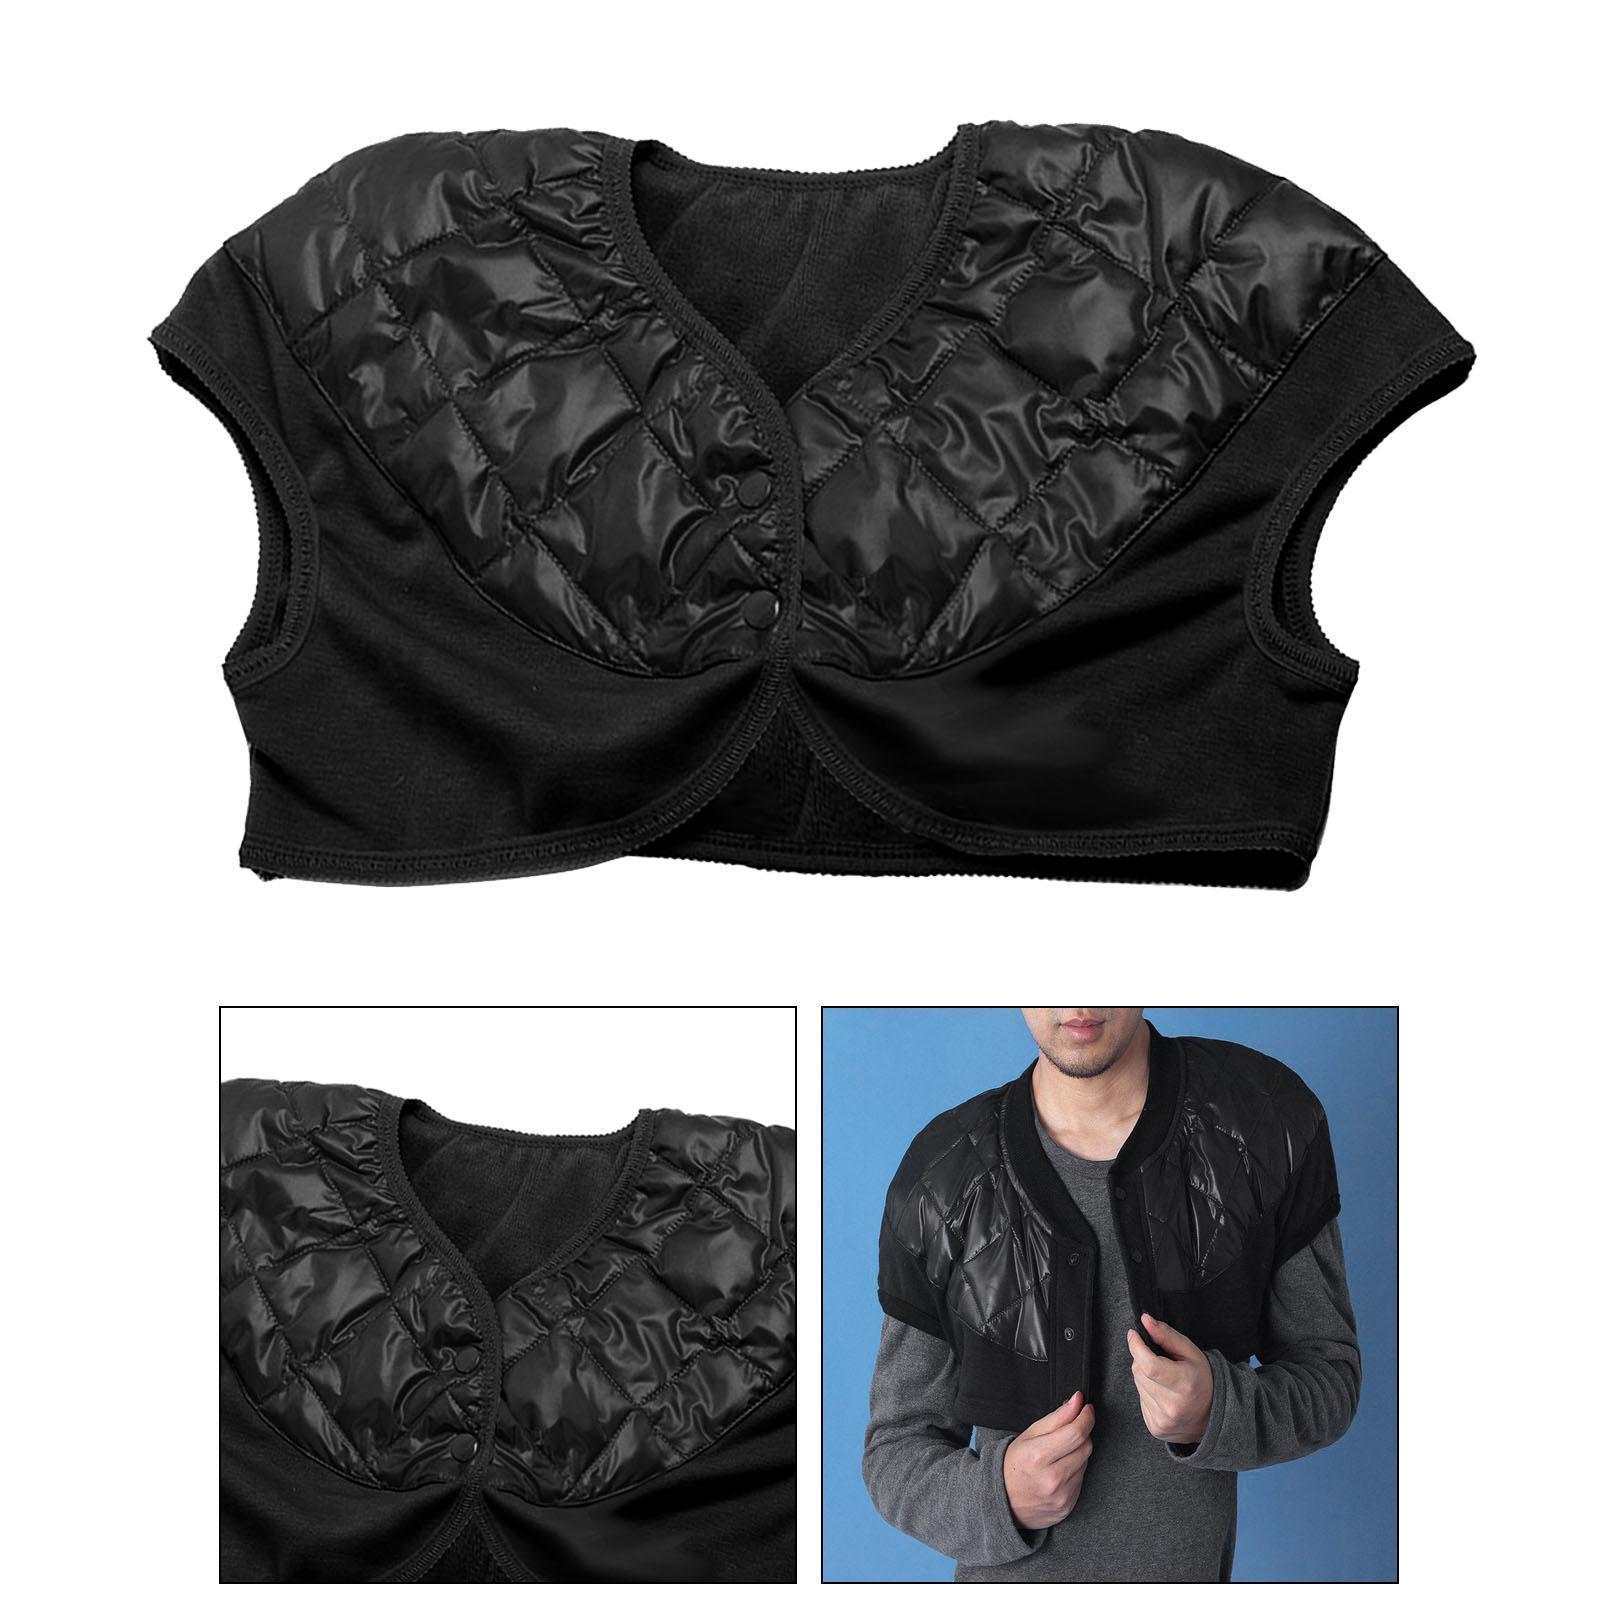 Femmes-Hommes-Down-Jacket-Chaud-Manteau-Court-Epaule-Chaud-Thermique-Wrap miniatura 86